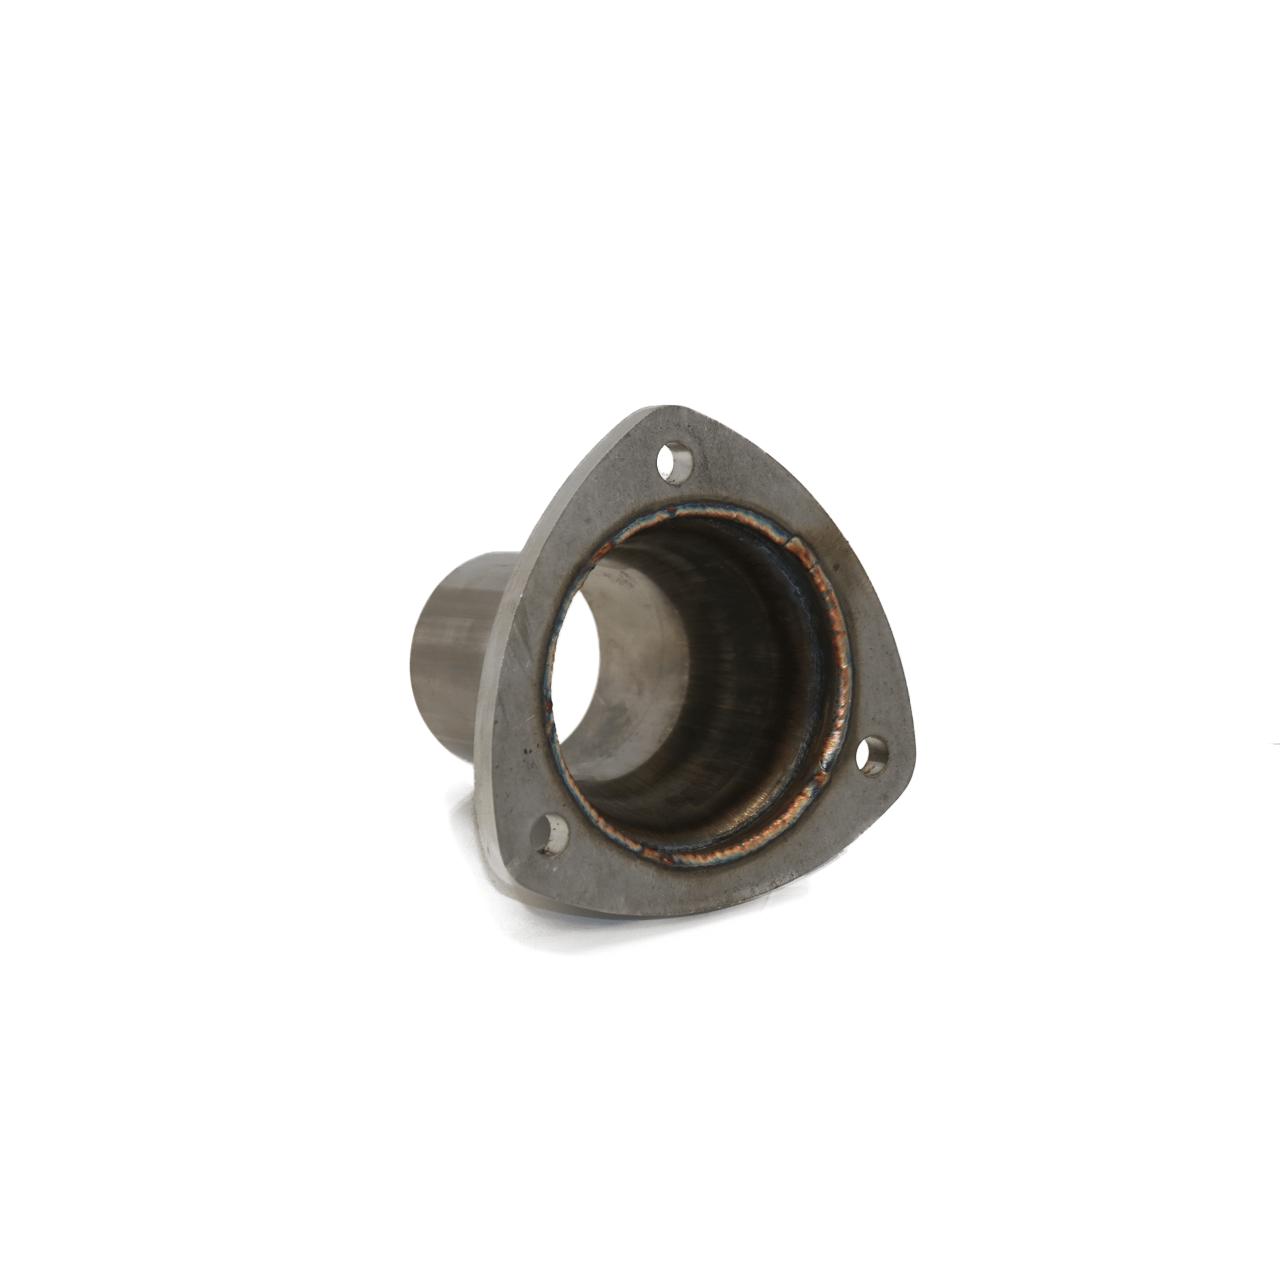 3 bolt collector flange reducer